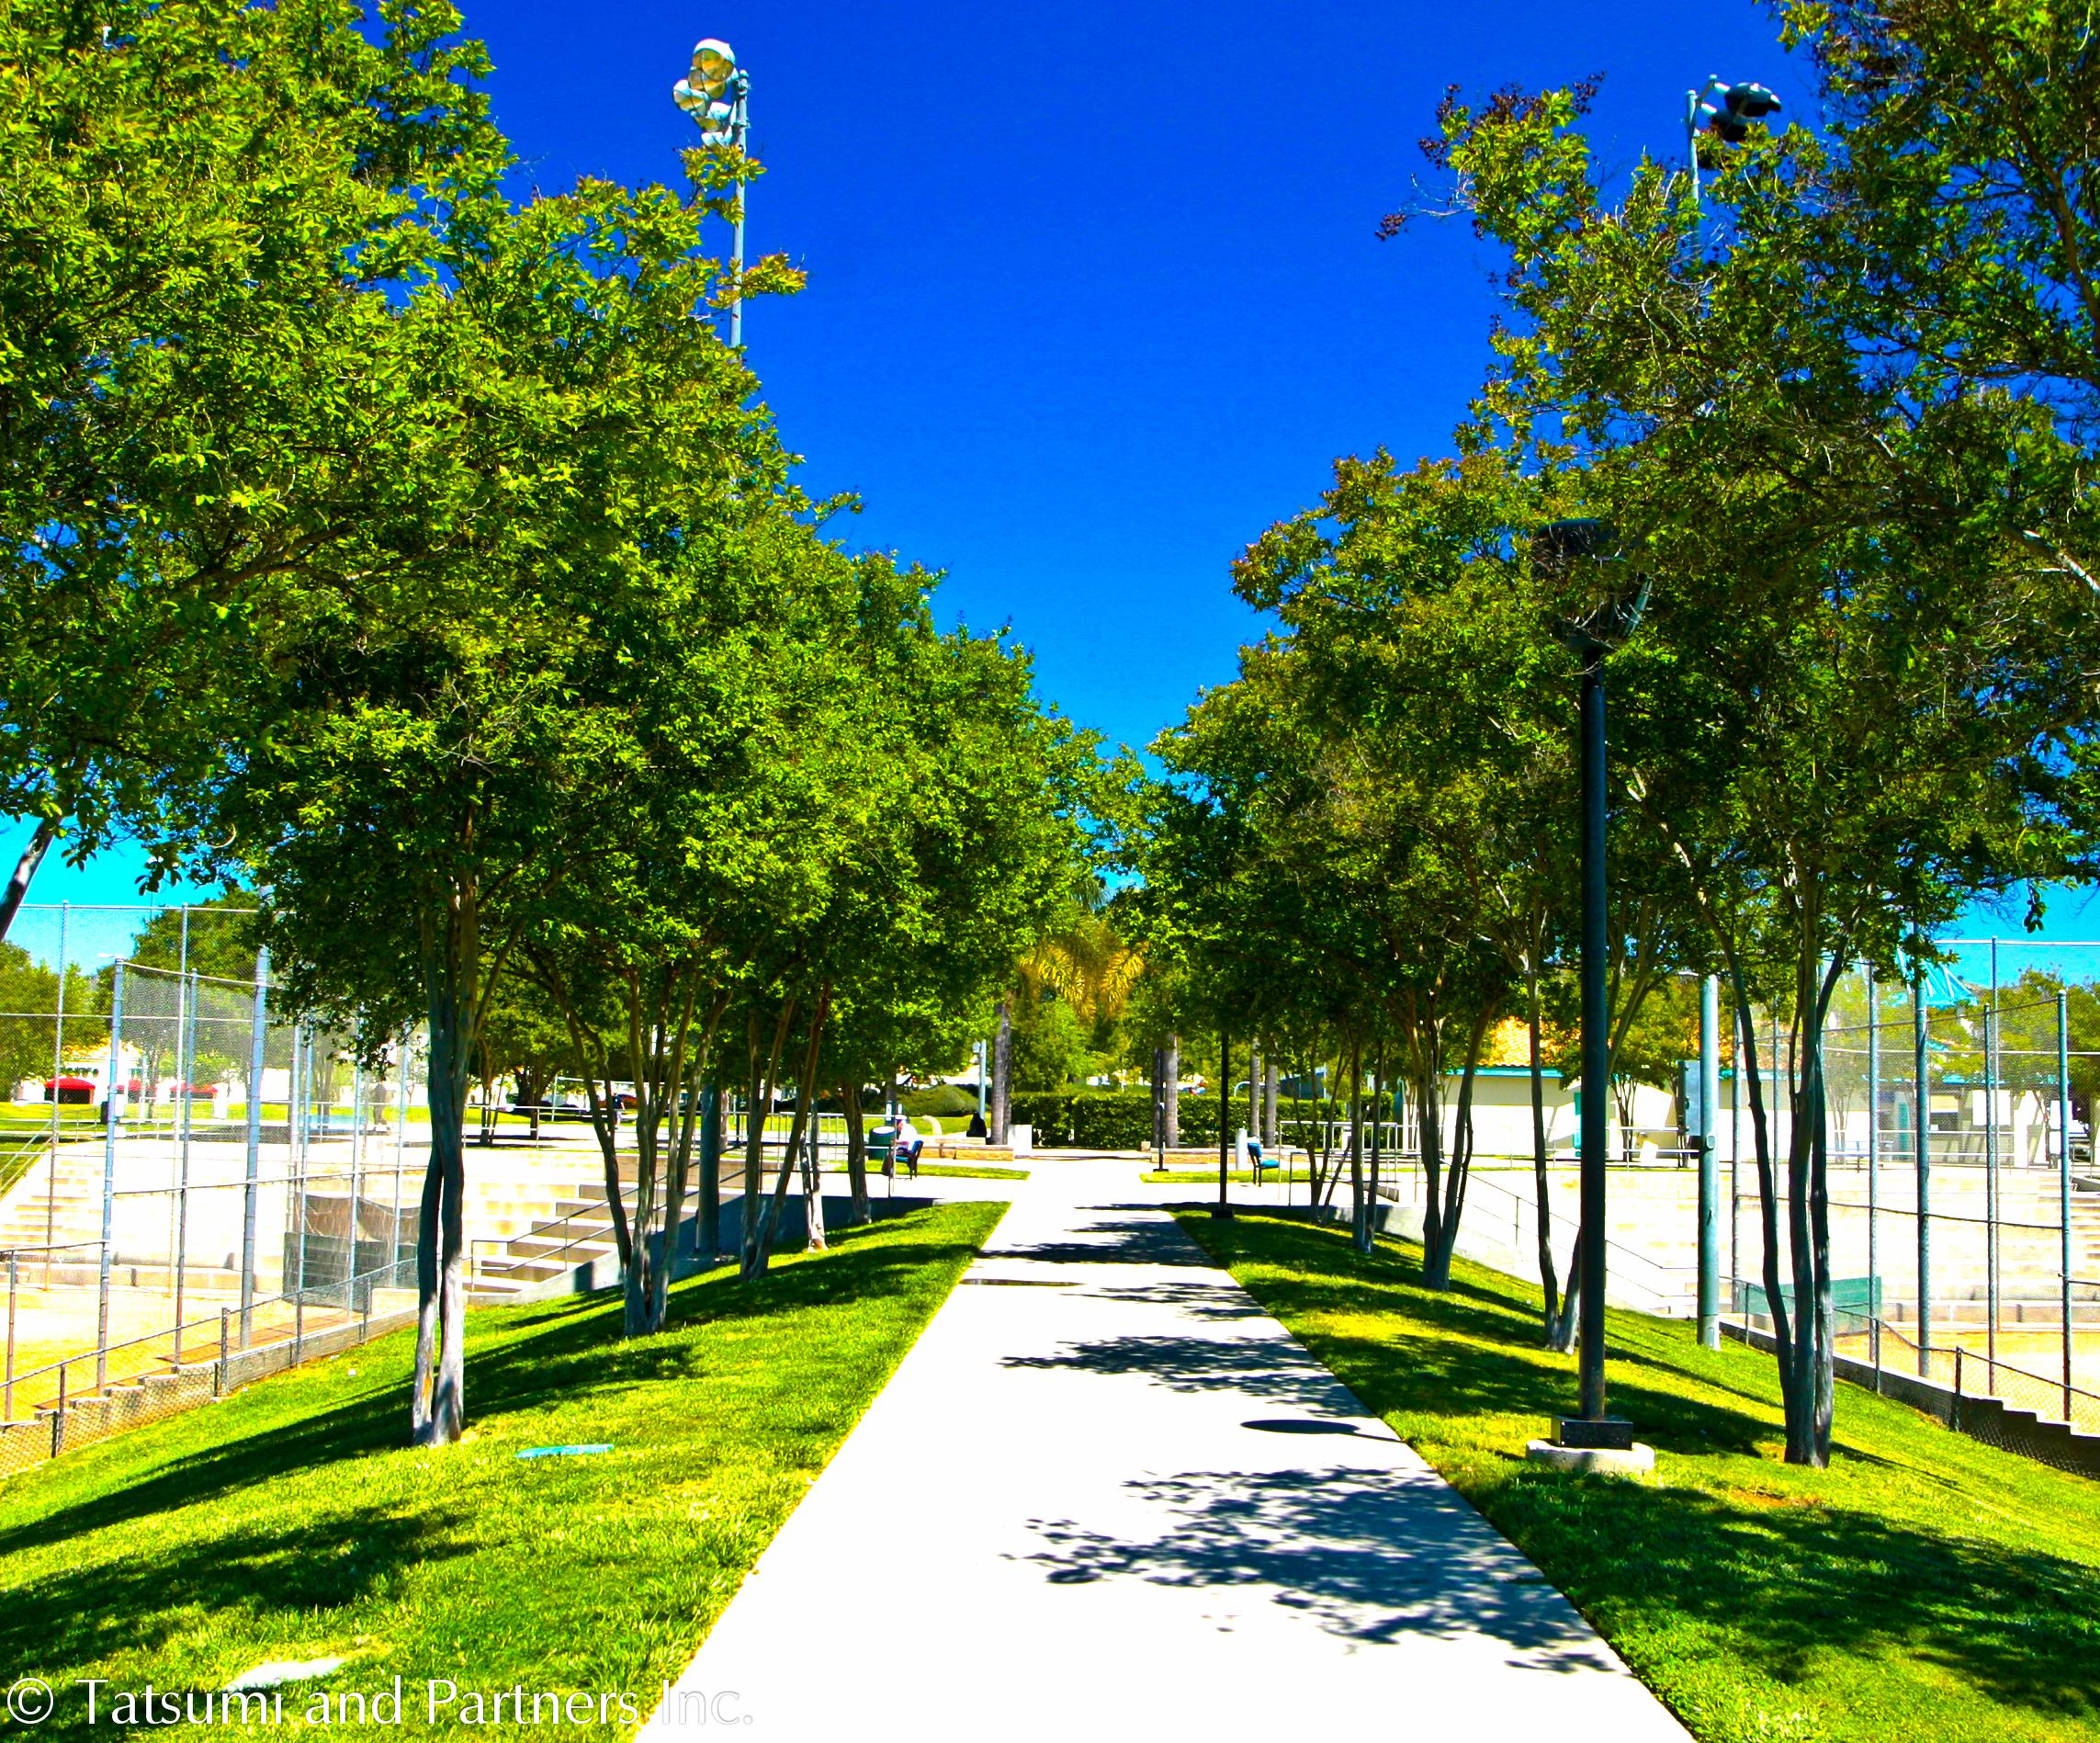 Park_Cal Oaks_Landscape 3.jpg